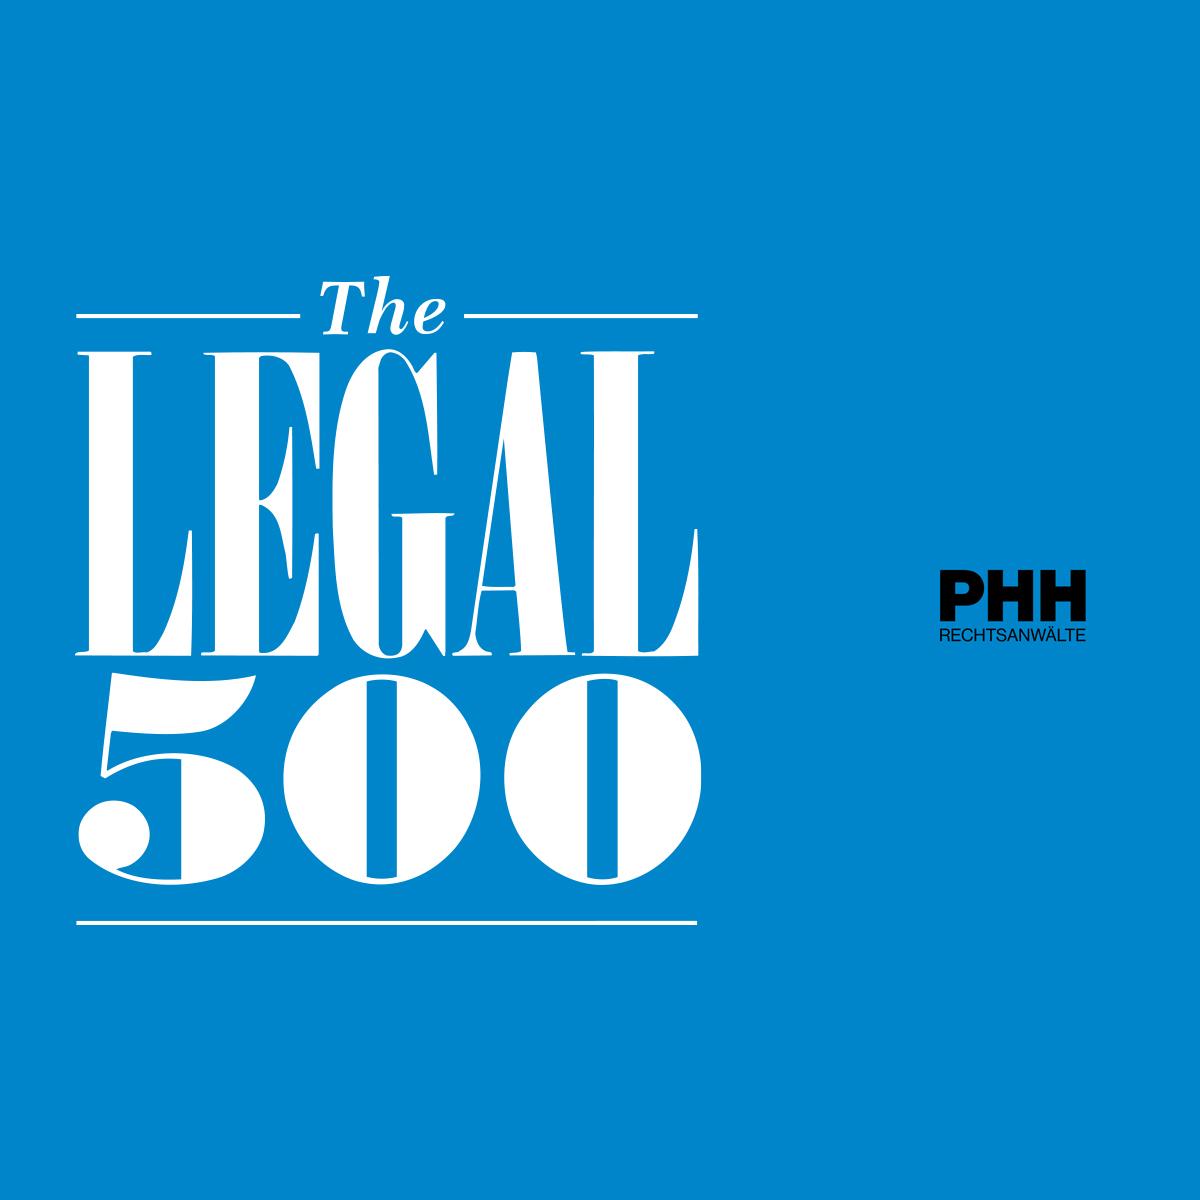 PHH Rechtsanwälte mehrfach top gerankt im aktuellen Legal 500 Ranking